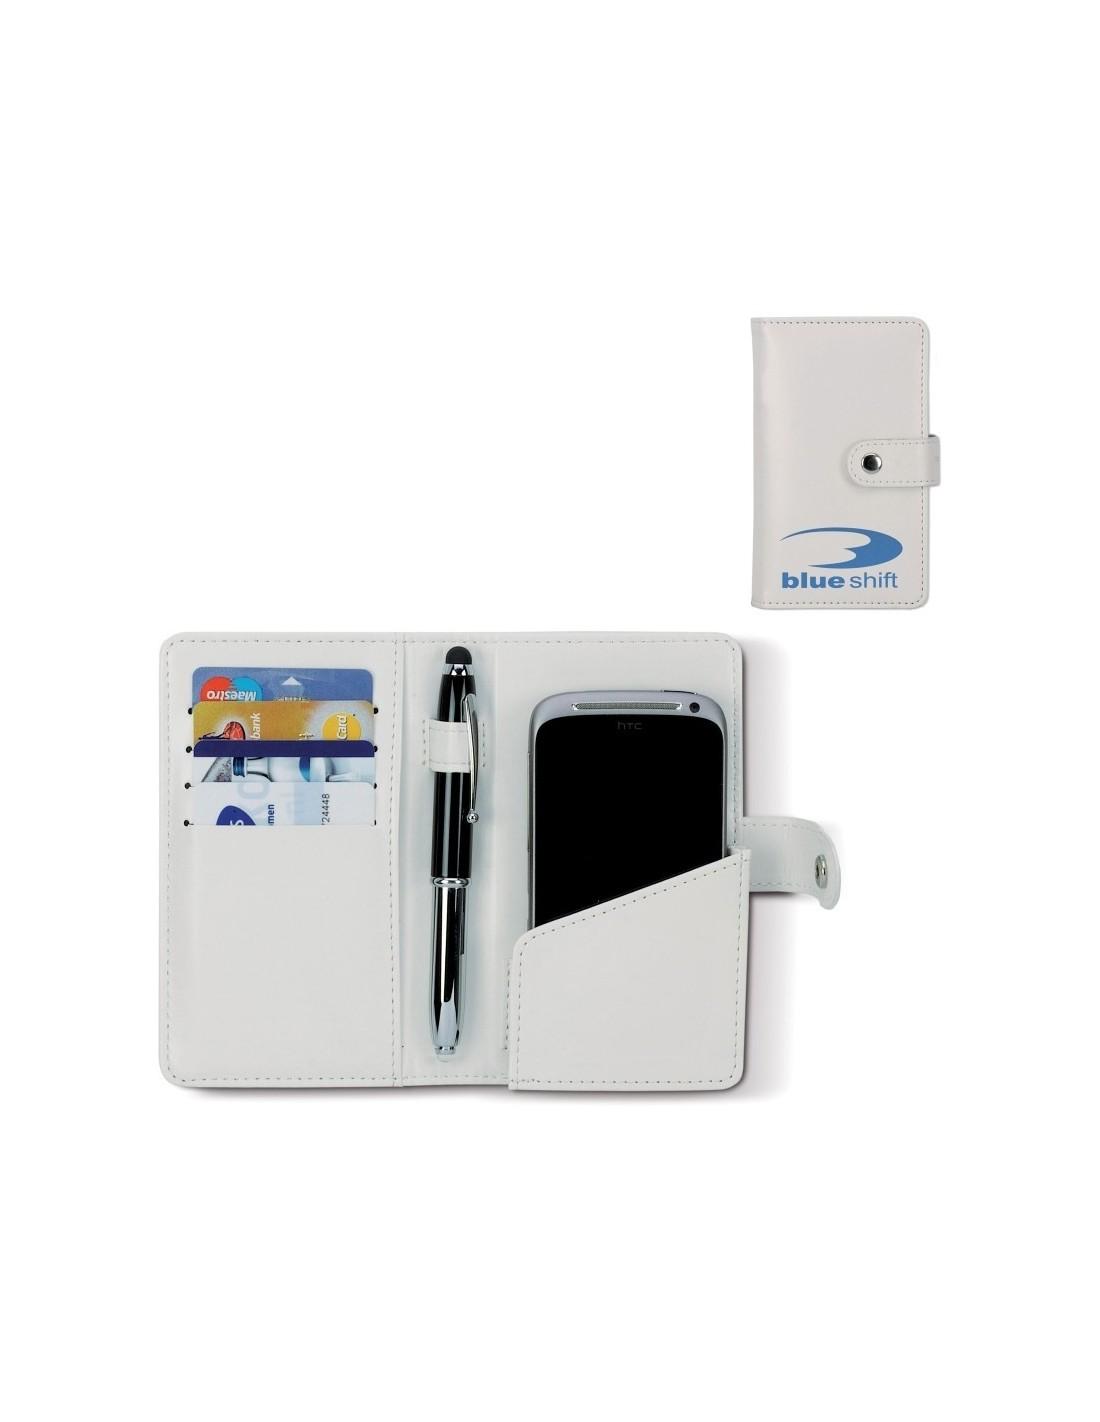 4e9c9dfec4f89 Pokrowiec na smartfona z miejscem na karty z własnym nadrukiem